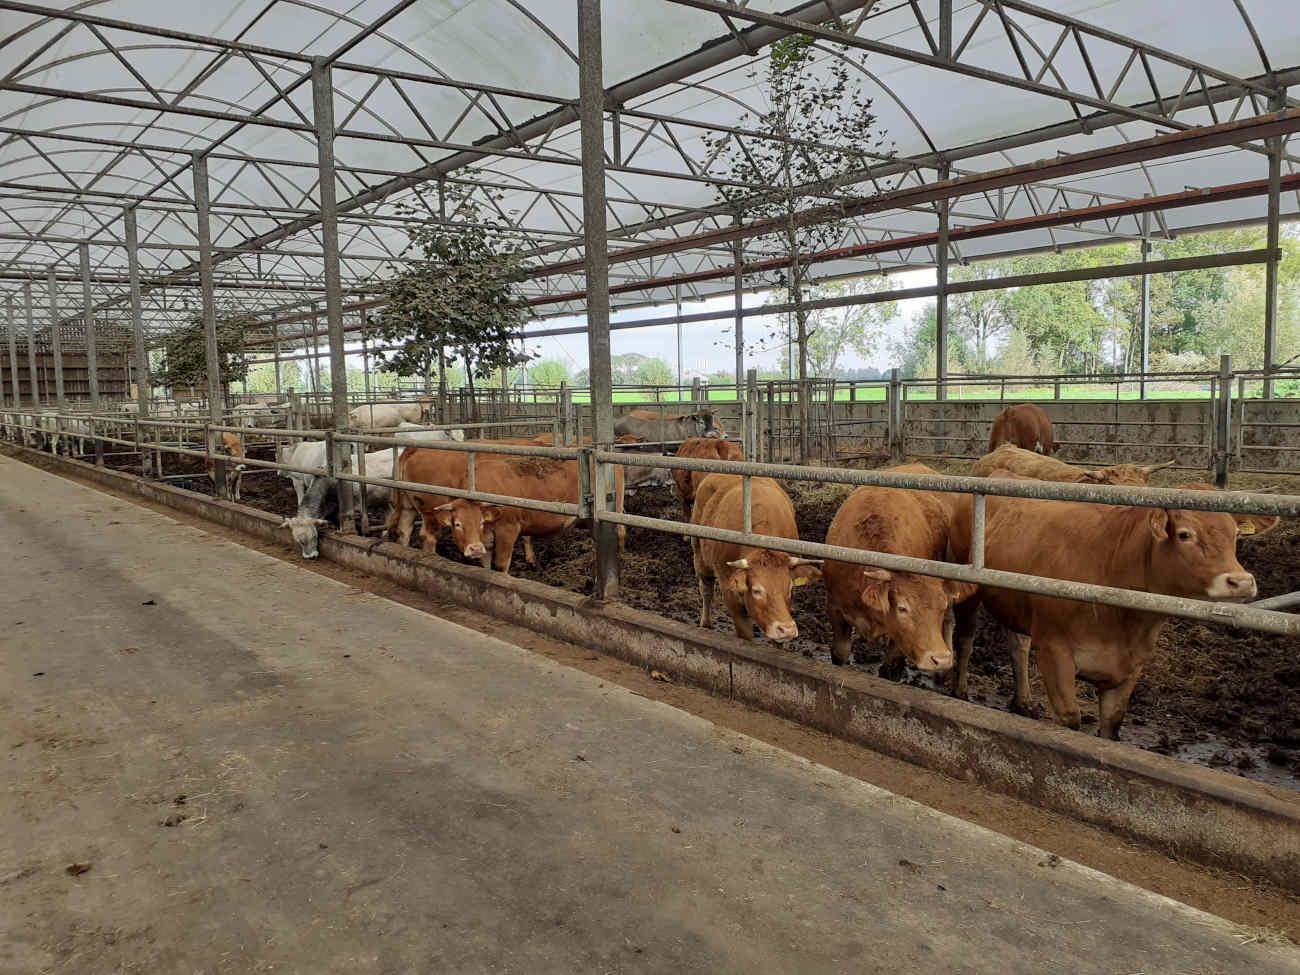 De koeien van Lindenhoff hebben zelfs bomen staan in hun stal.